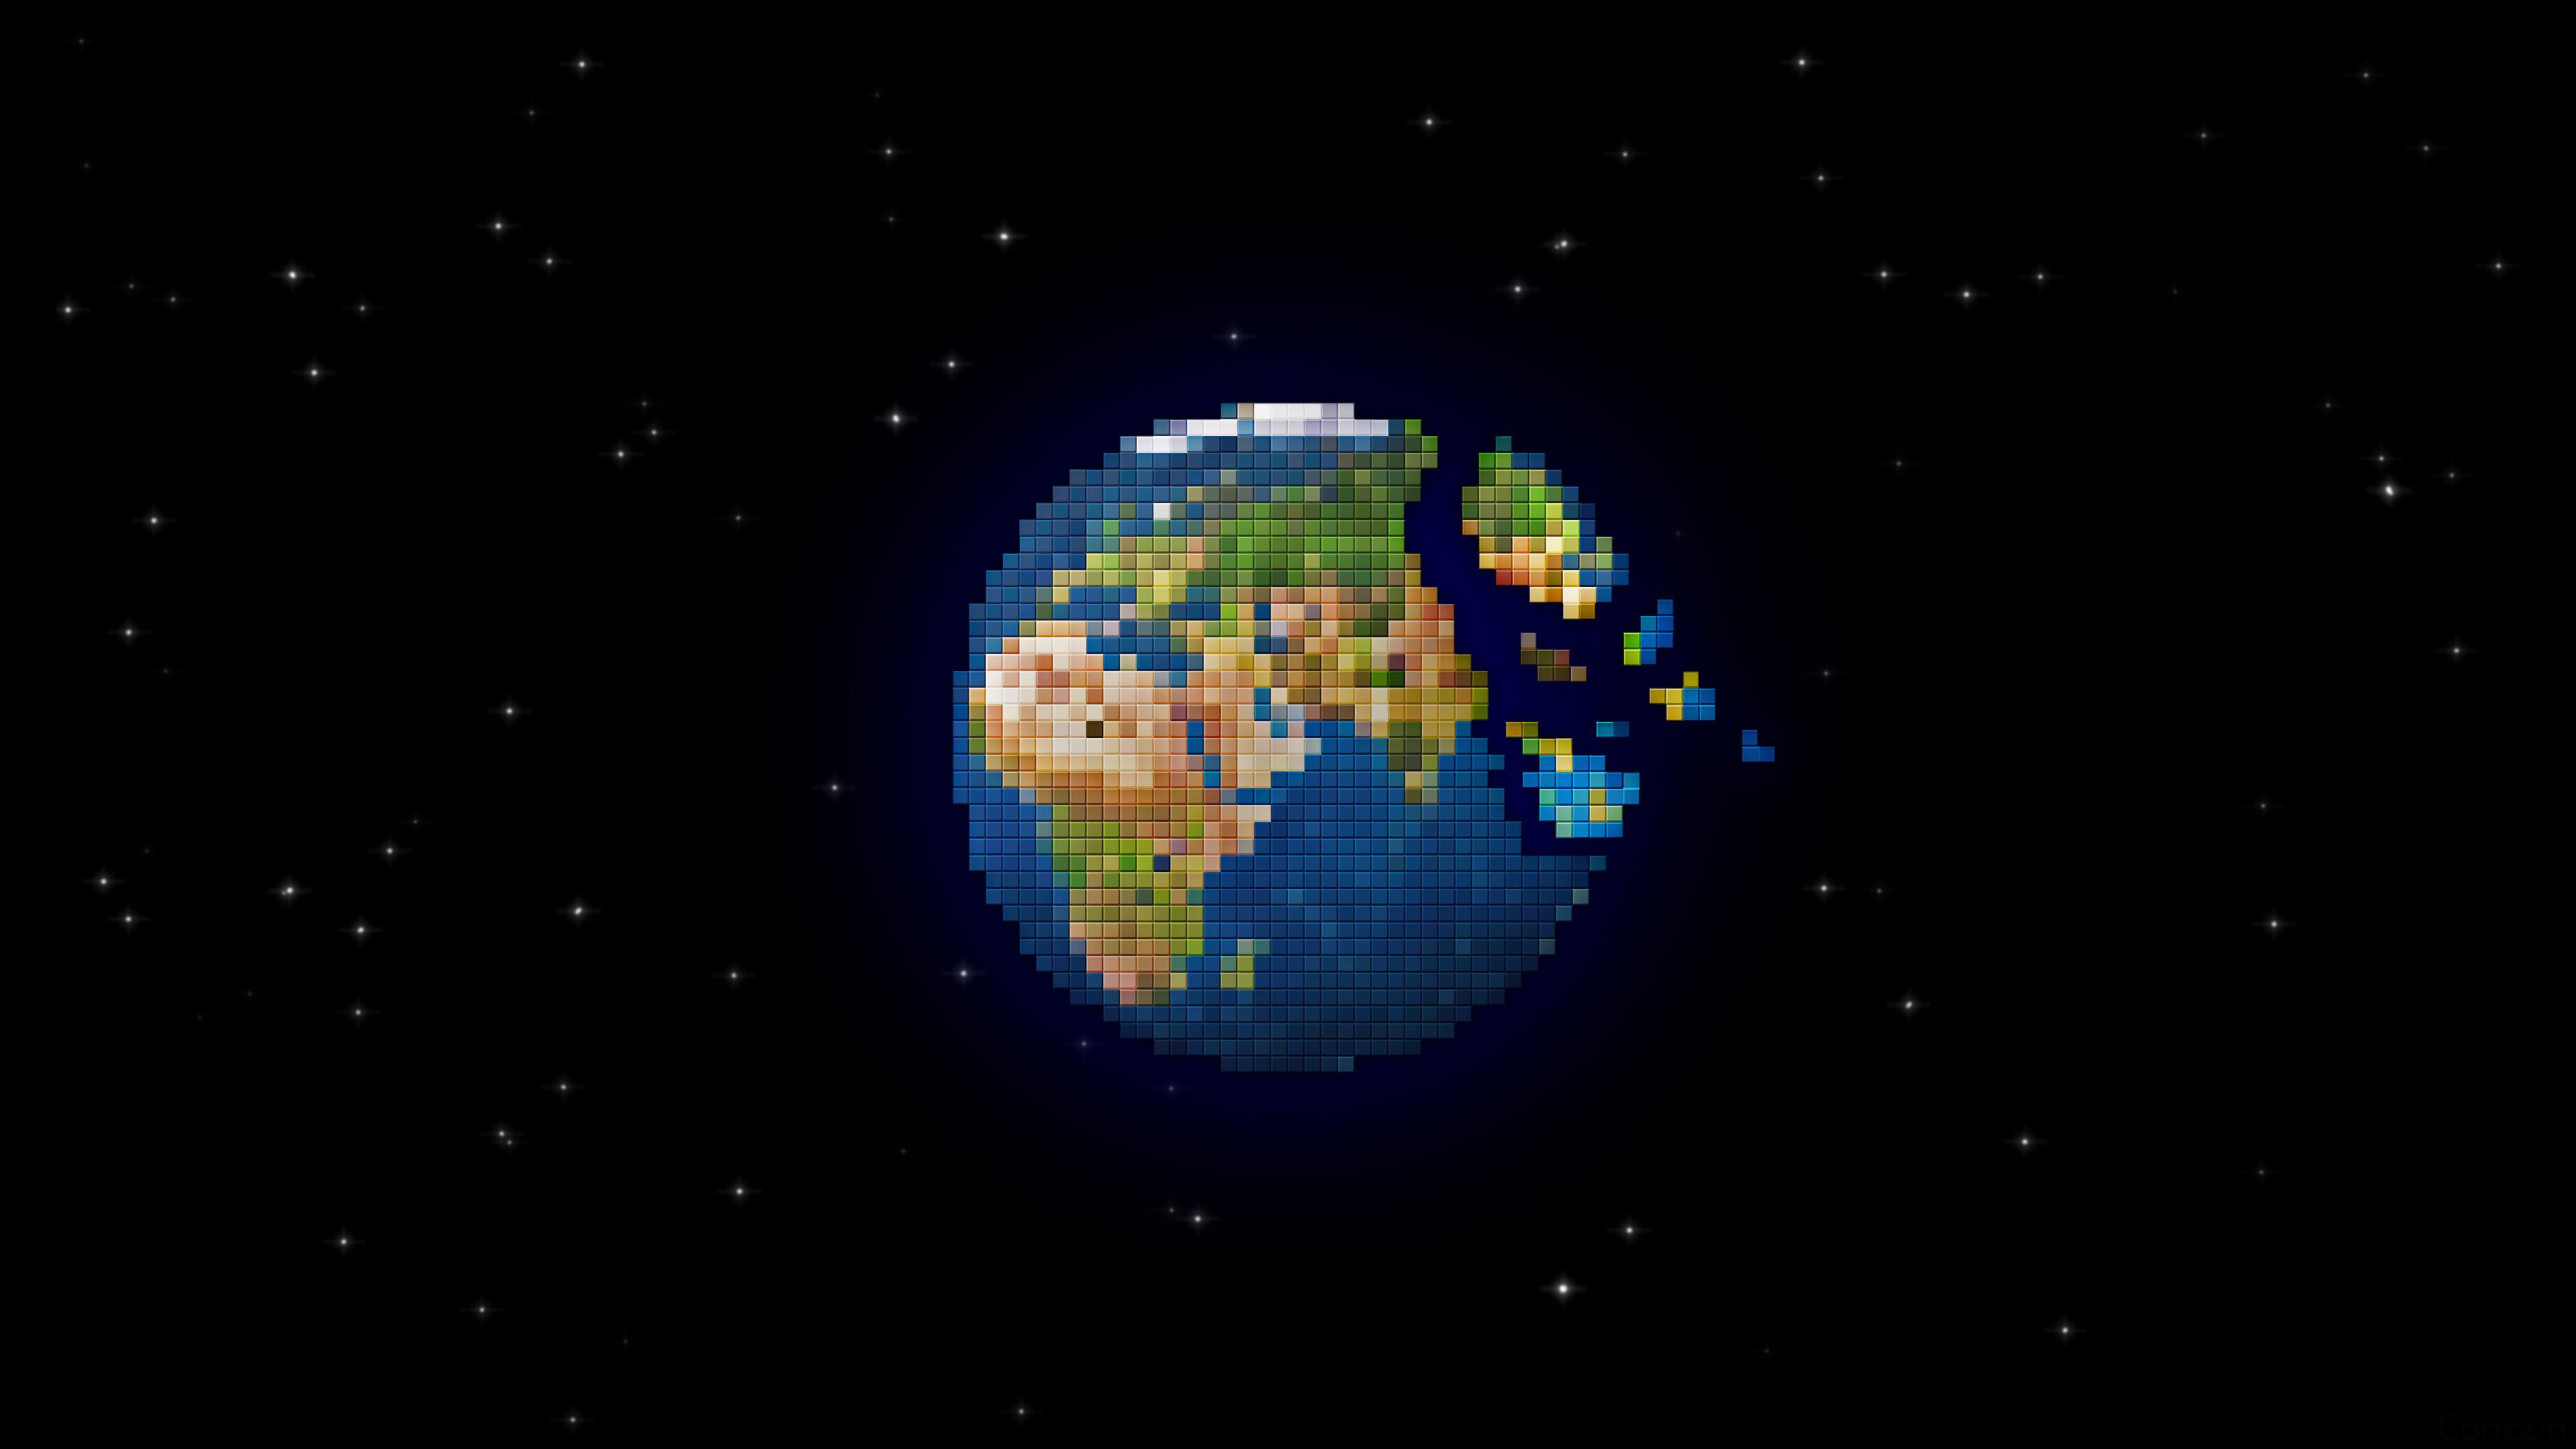 Pixel Earth 4k Ultra Hd Wallpaper Sfondi 3840x2160 Id900628